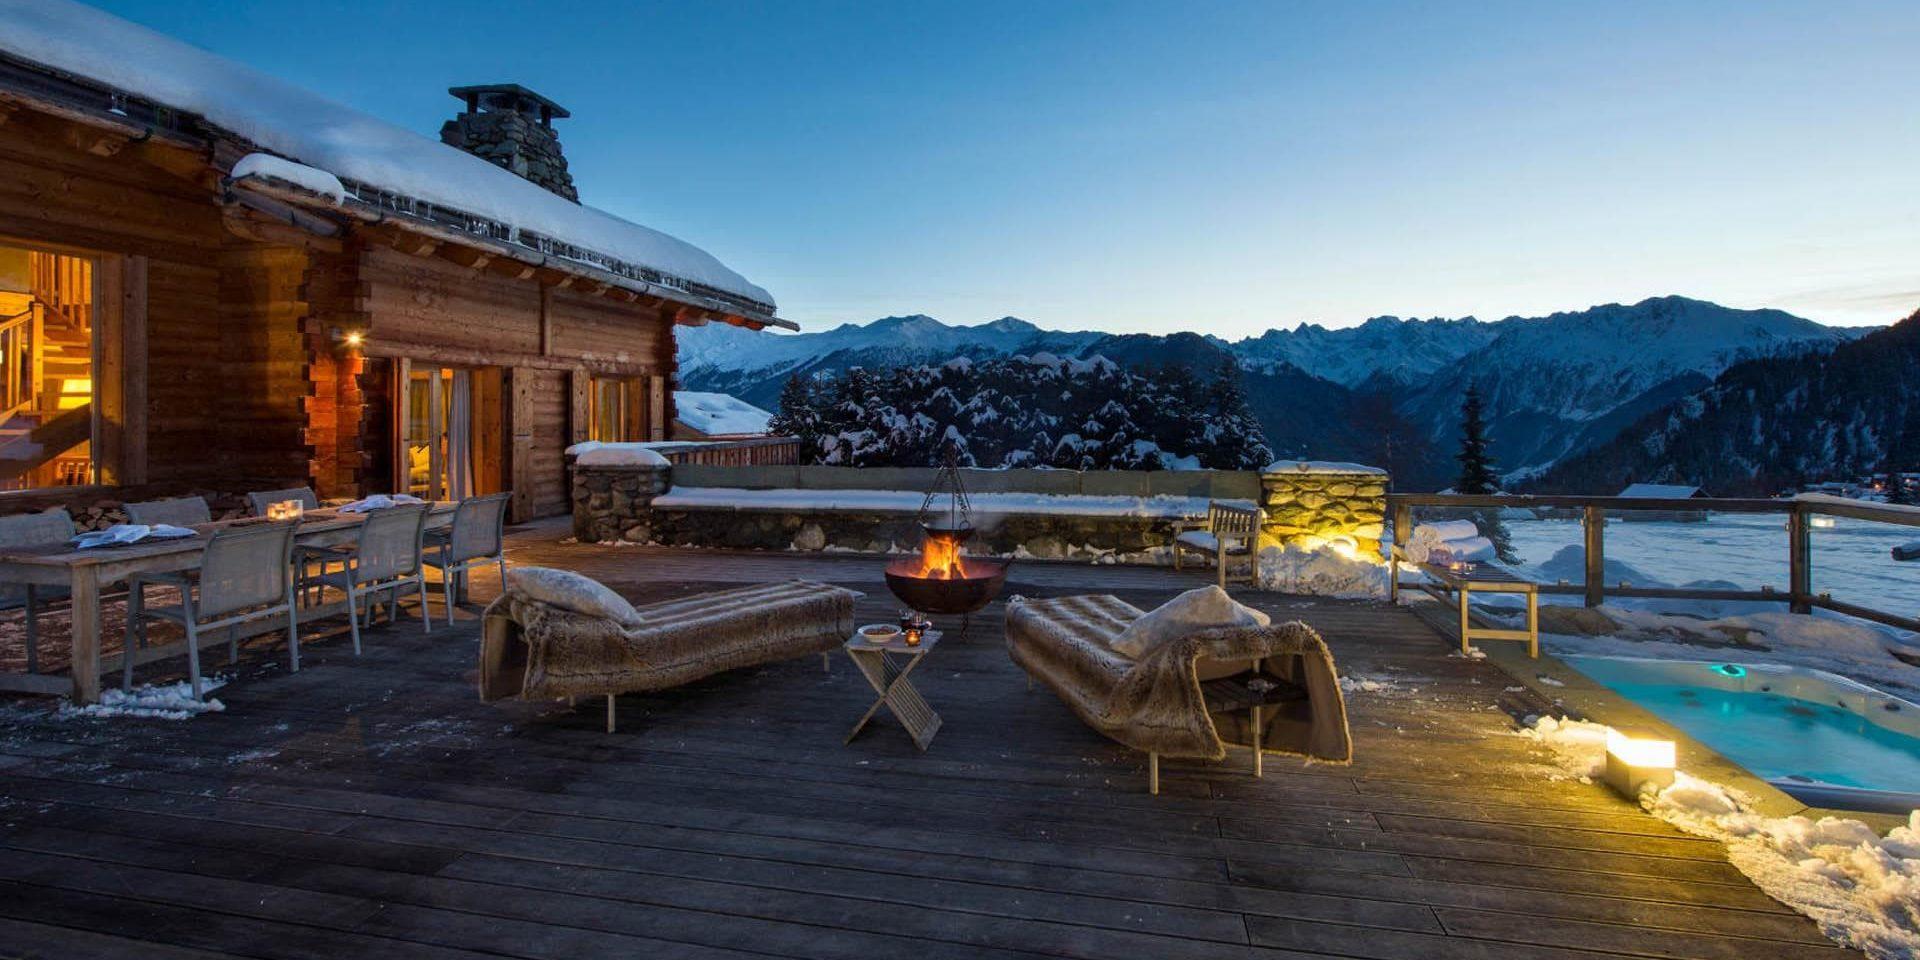 Chalet Pierre Avoi Verbier Les 4 Vallees Zwitserland wintersport skivakantie luxe groot terras hot tub ligstoelen eettafel stoelen vuurkorf sneeuw besneeuwde bomen uitzicht bergen